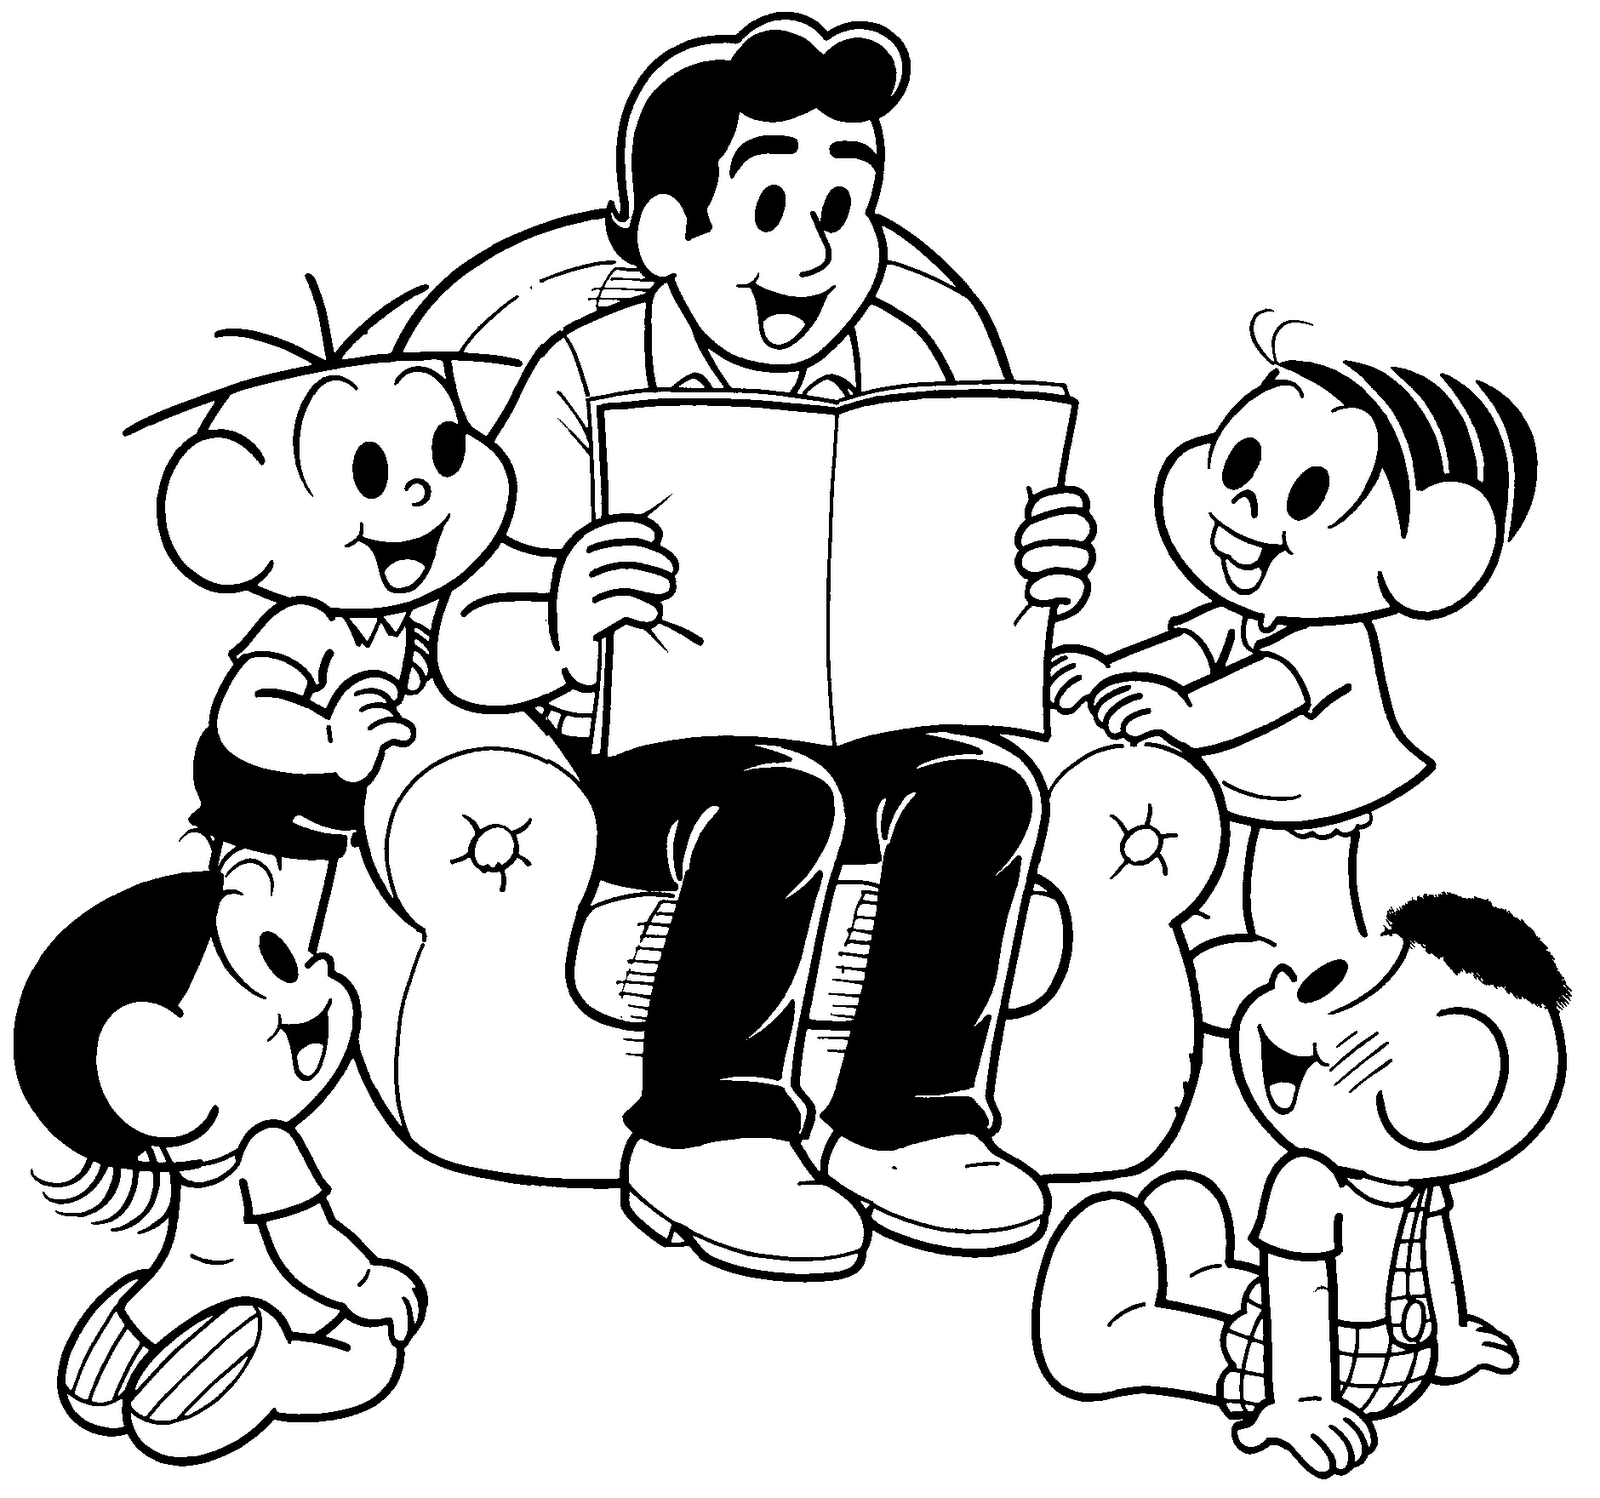 desenho de papai do cebolinha lendo livro para a turma para colorir